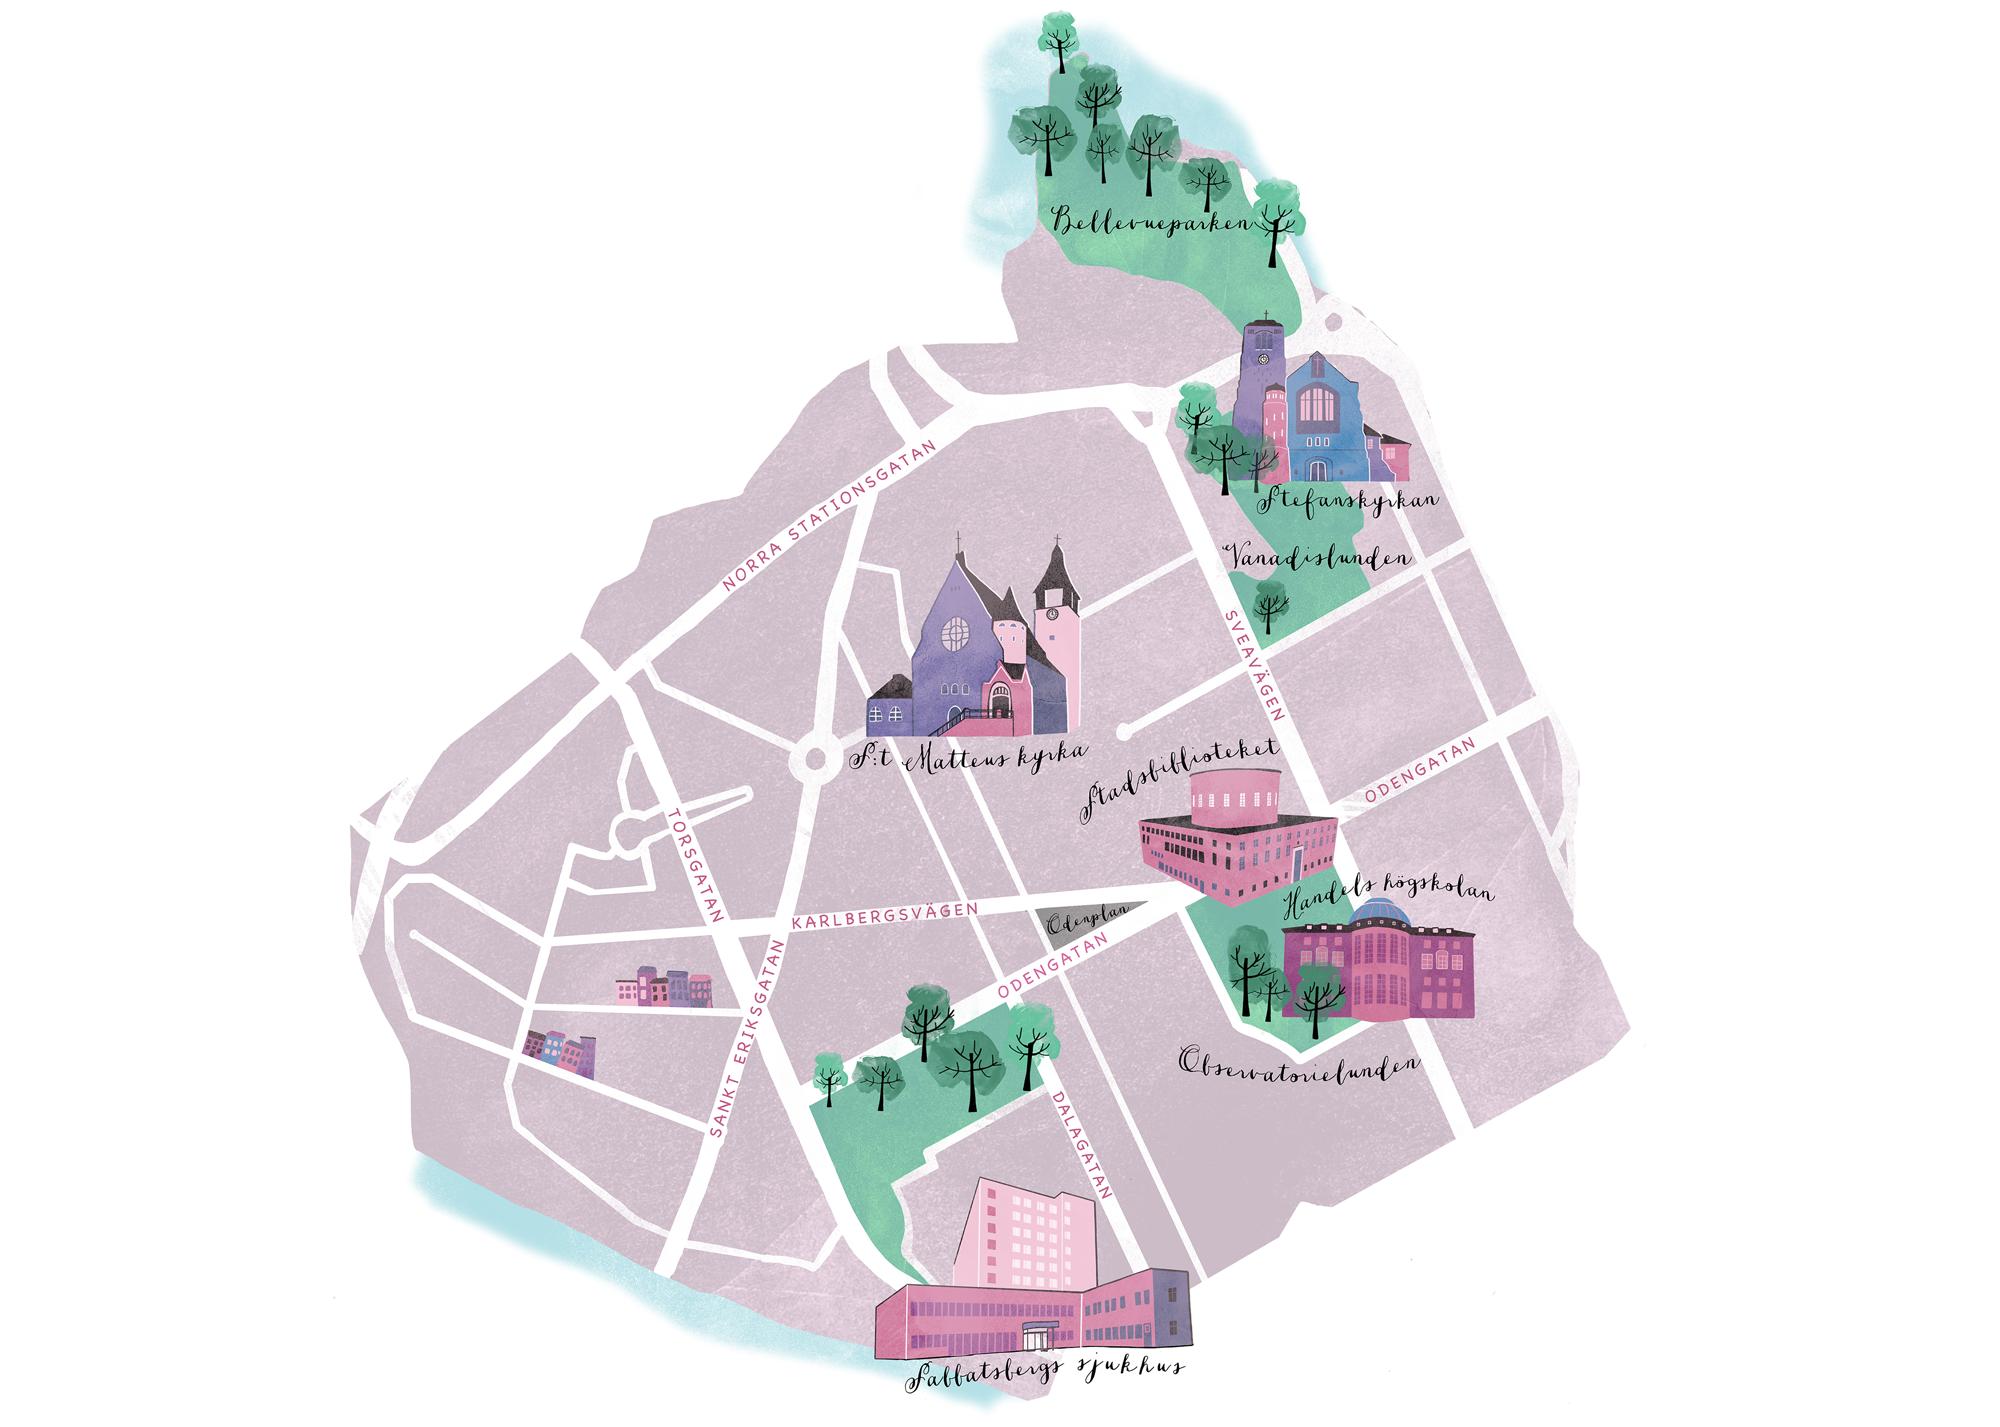 Karta över Vasastan    Digital drawing